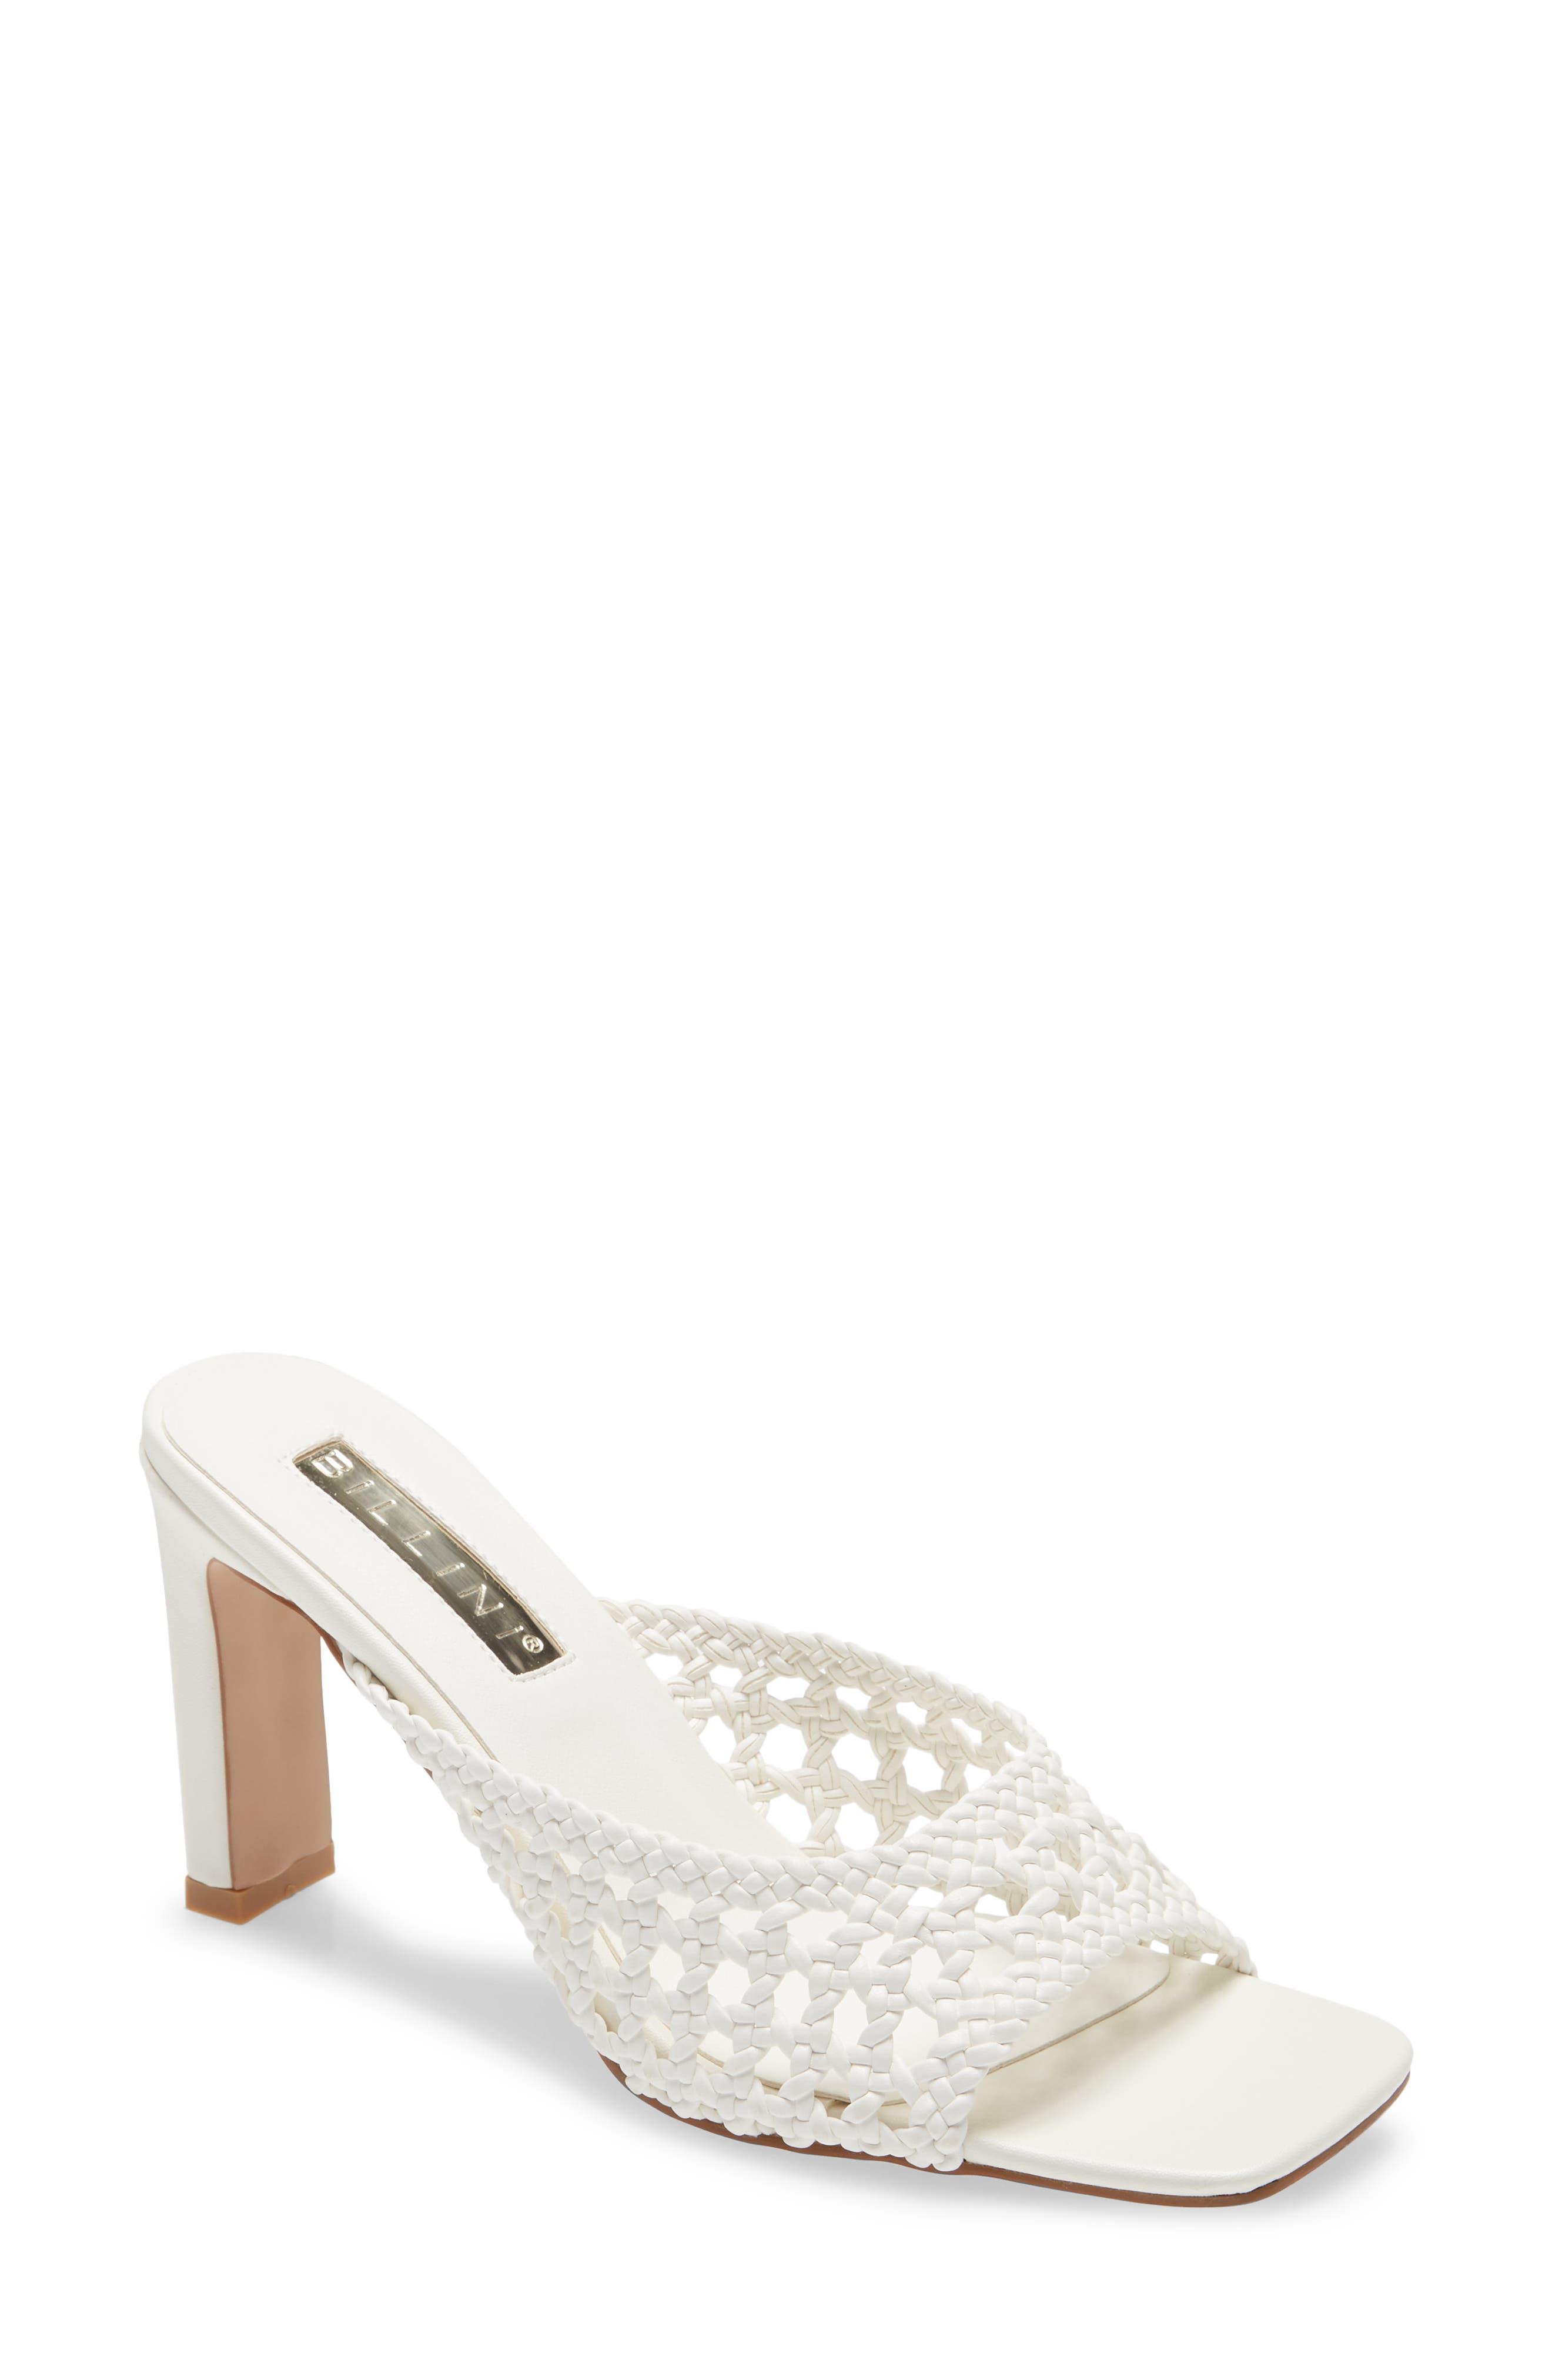 Olsen Slide Sandal